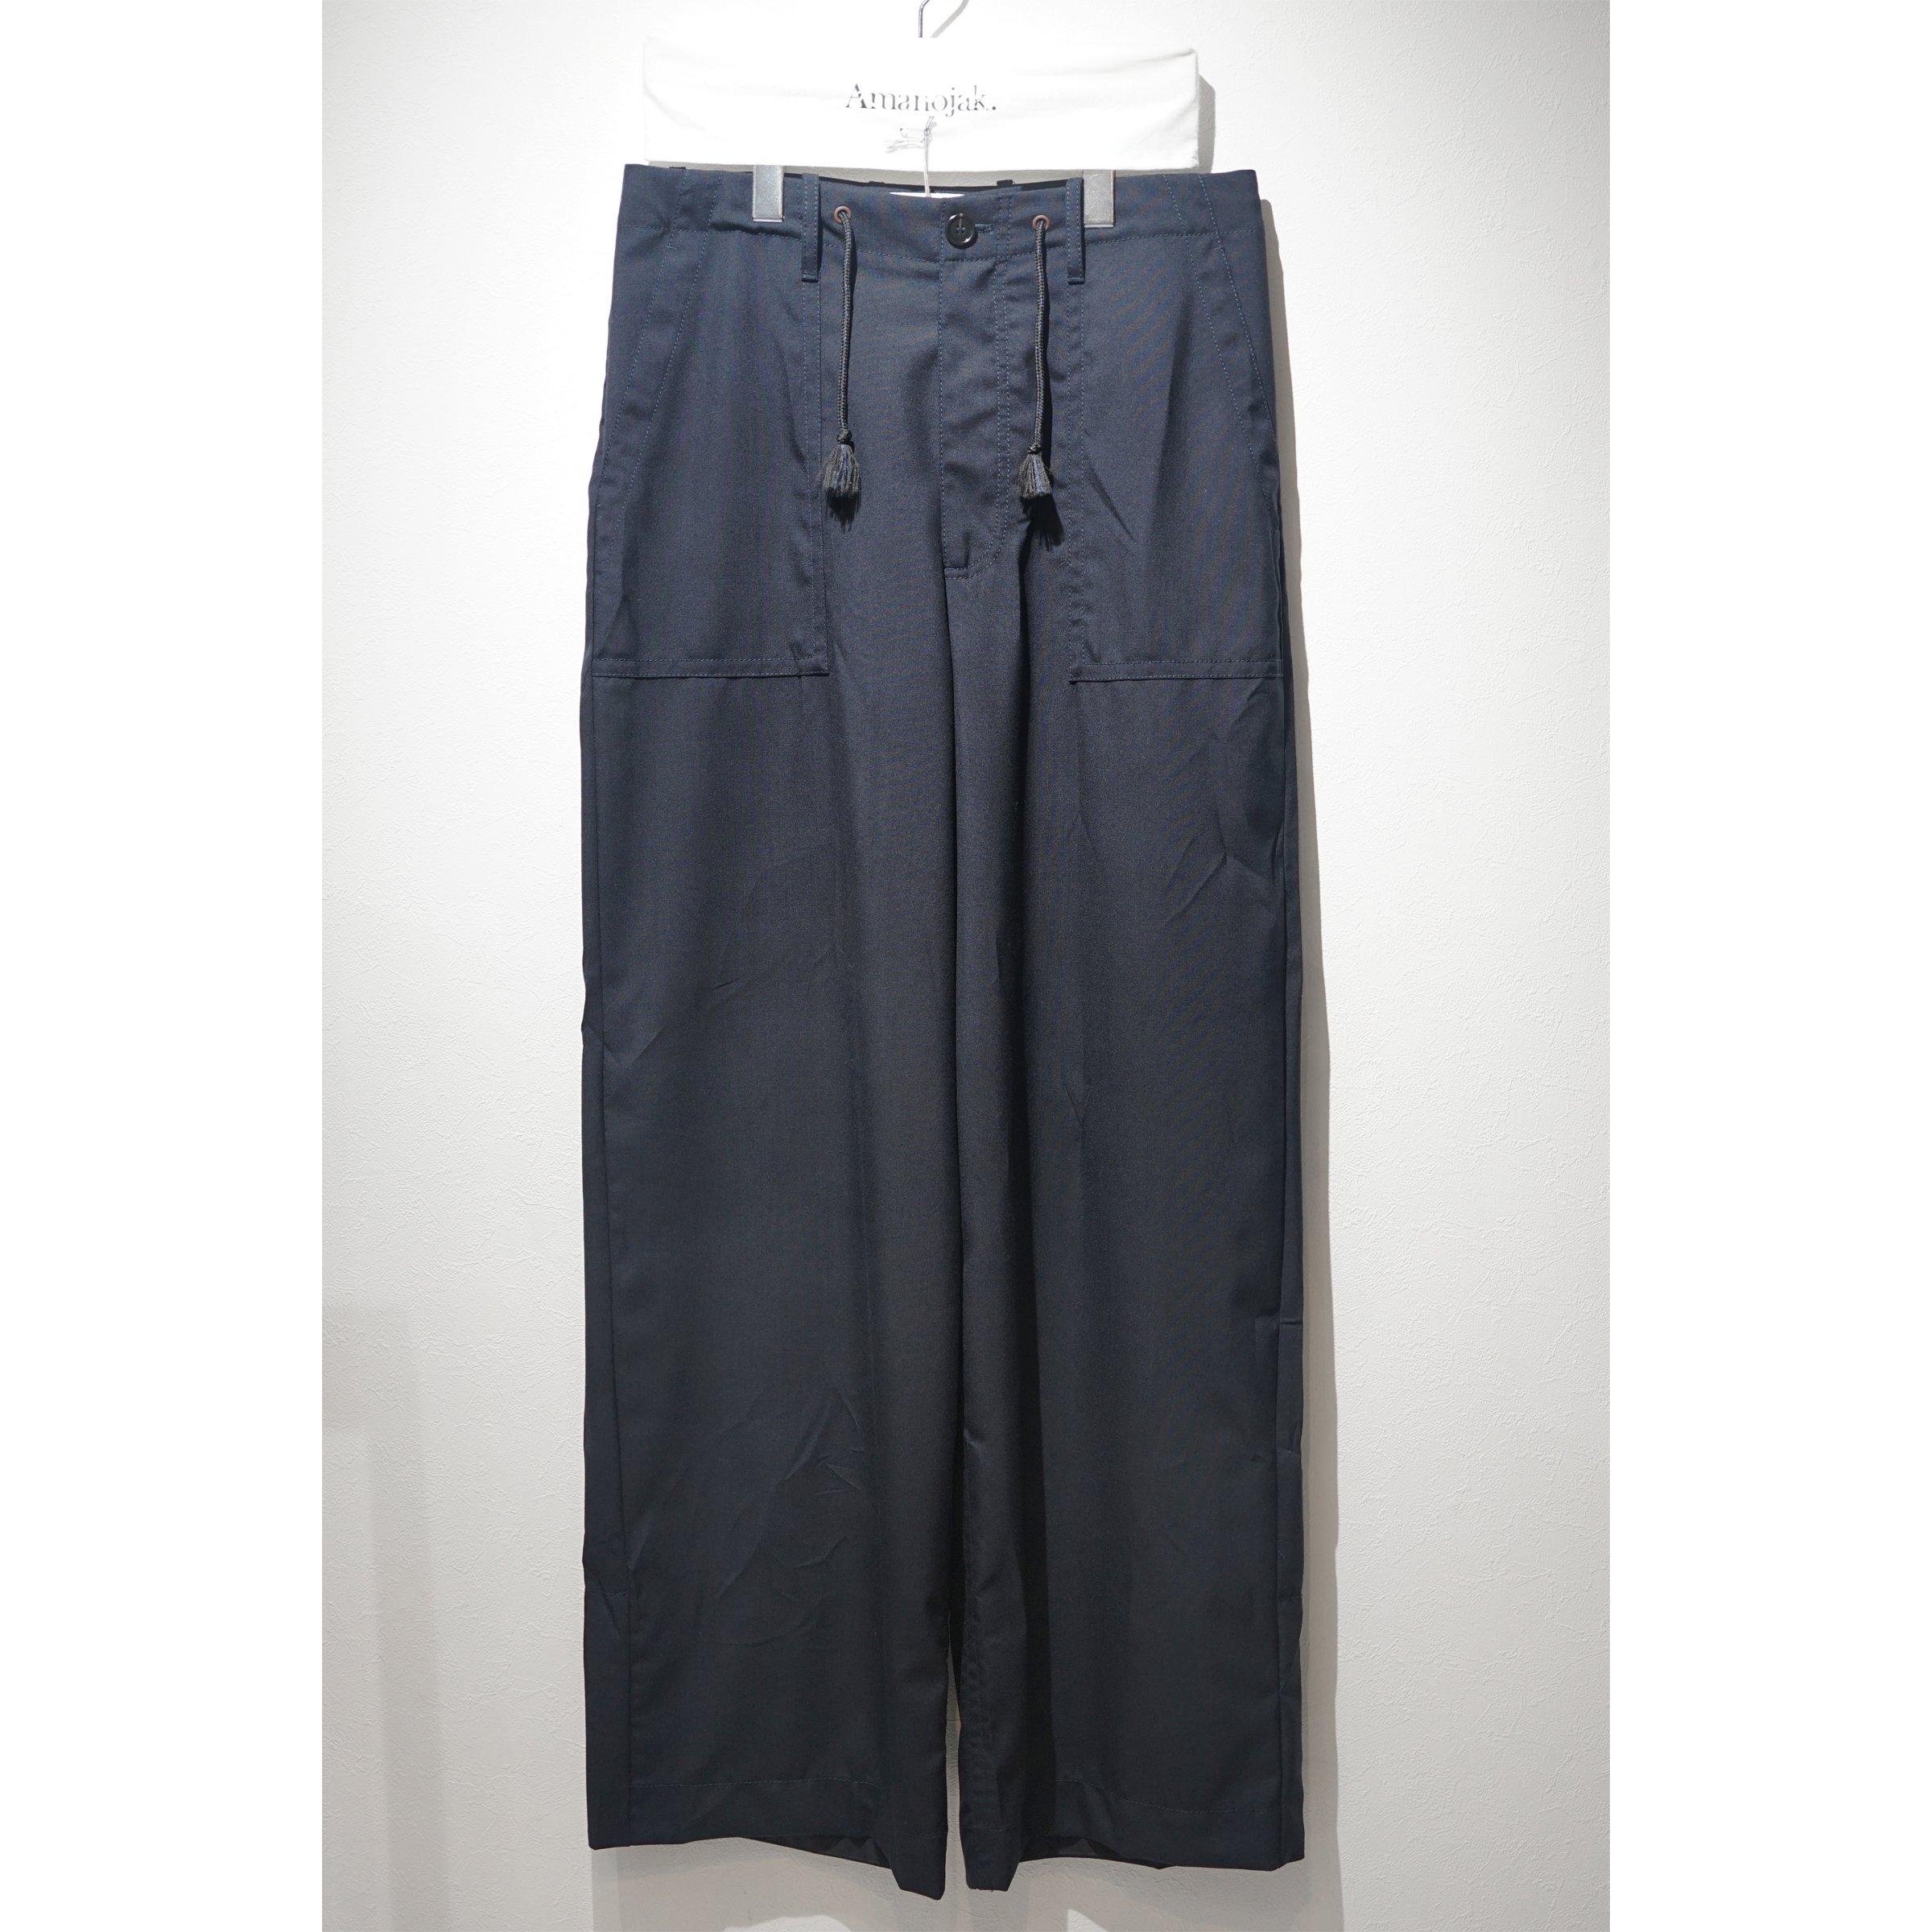 MARNI-WOOL BAKER PANTS<br>(在庫なし)